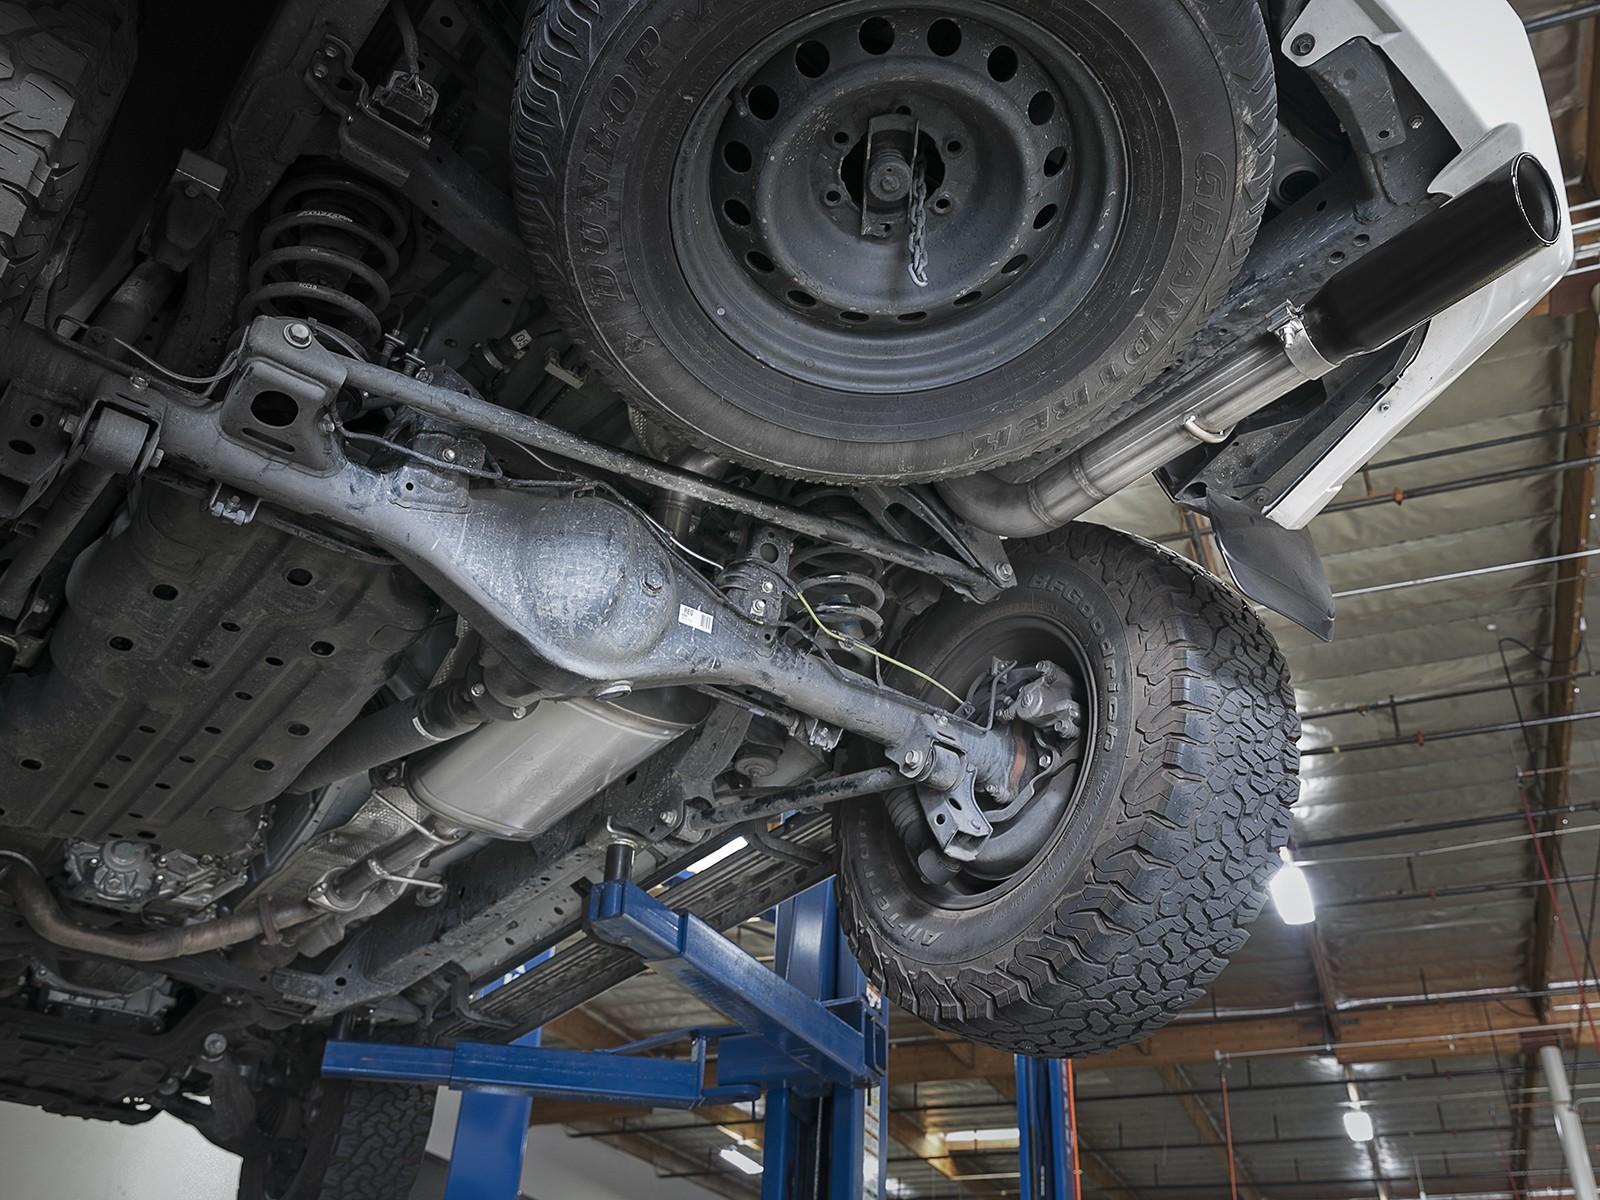 afe exhaust 2010 4runner 4 0l v6 black tip